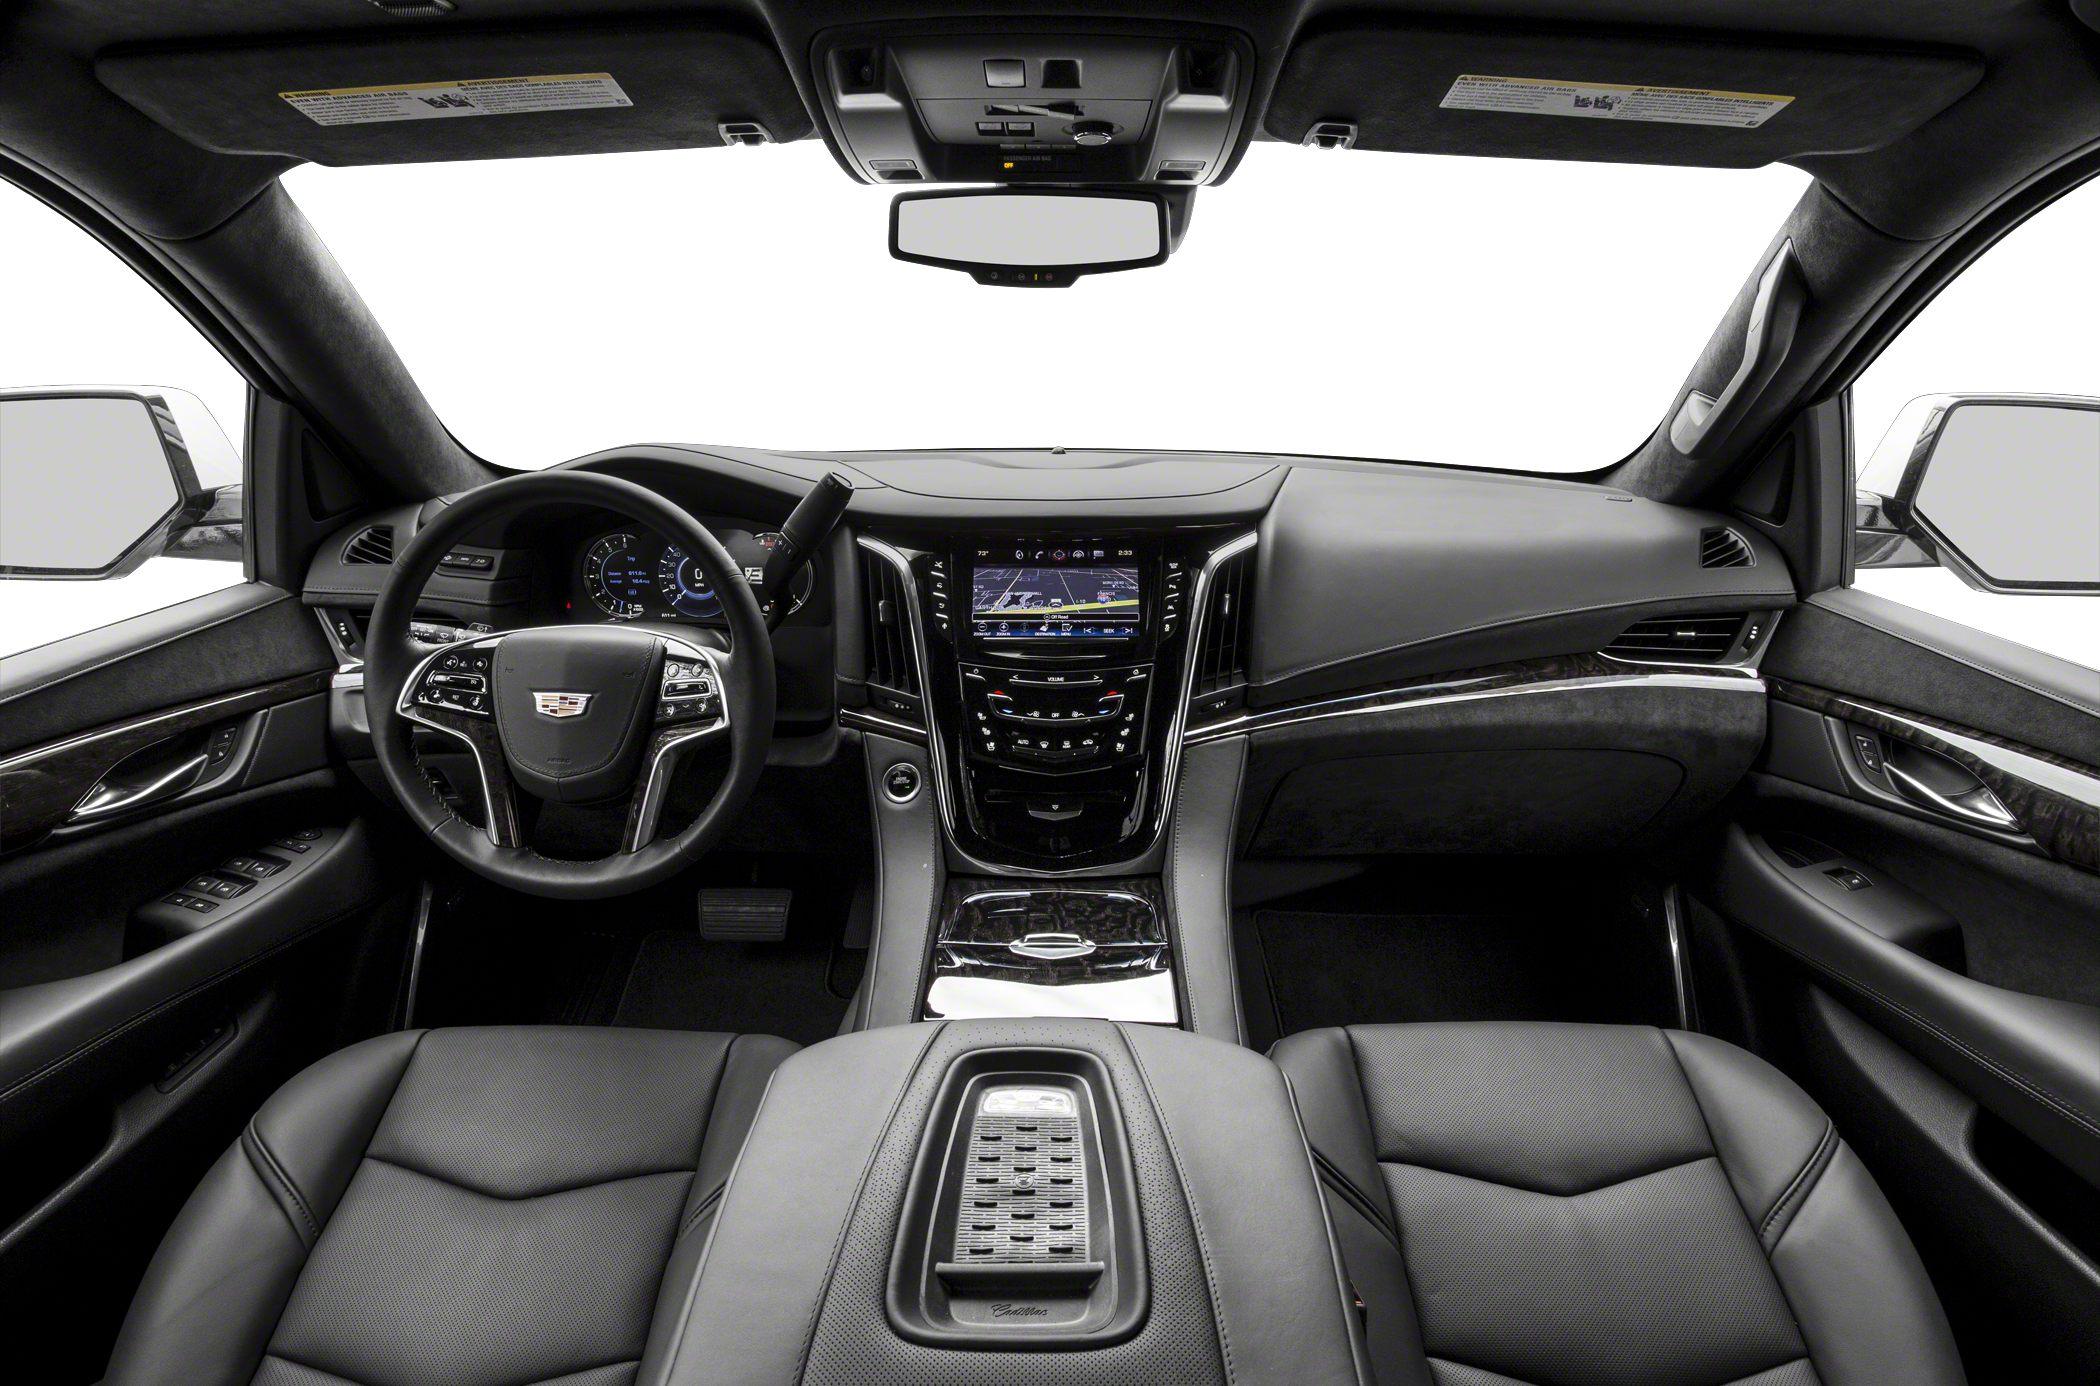 2012 Cadillac Escalade Platinum For Sale >> 2017 Cadillac Escalade ESV Reviews, Specs and Prices | Cars.com